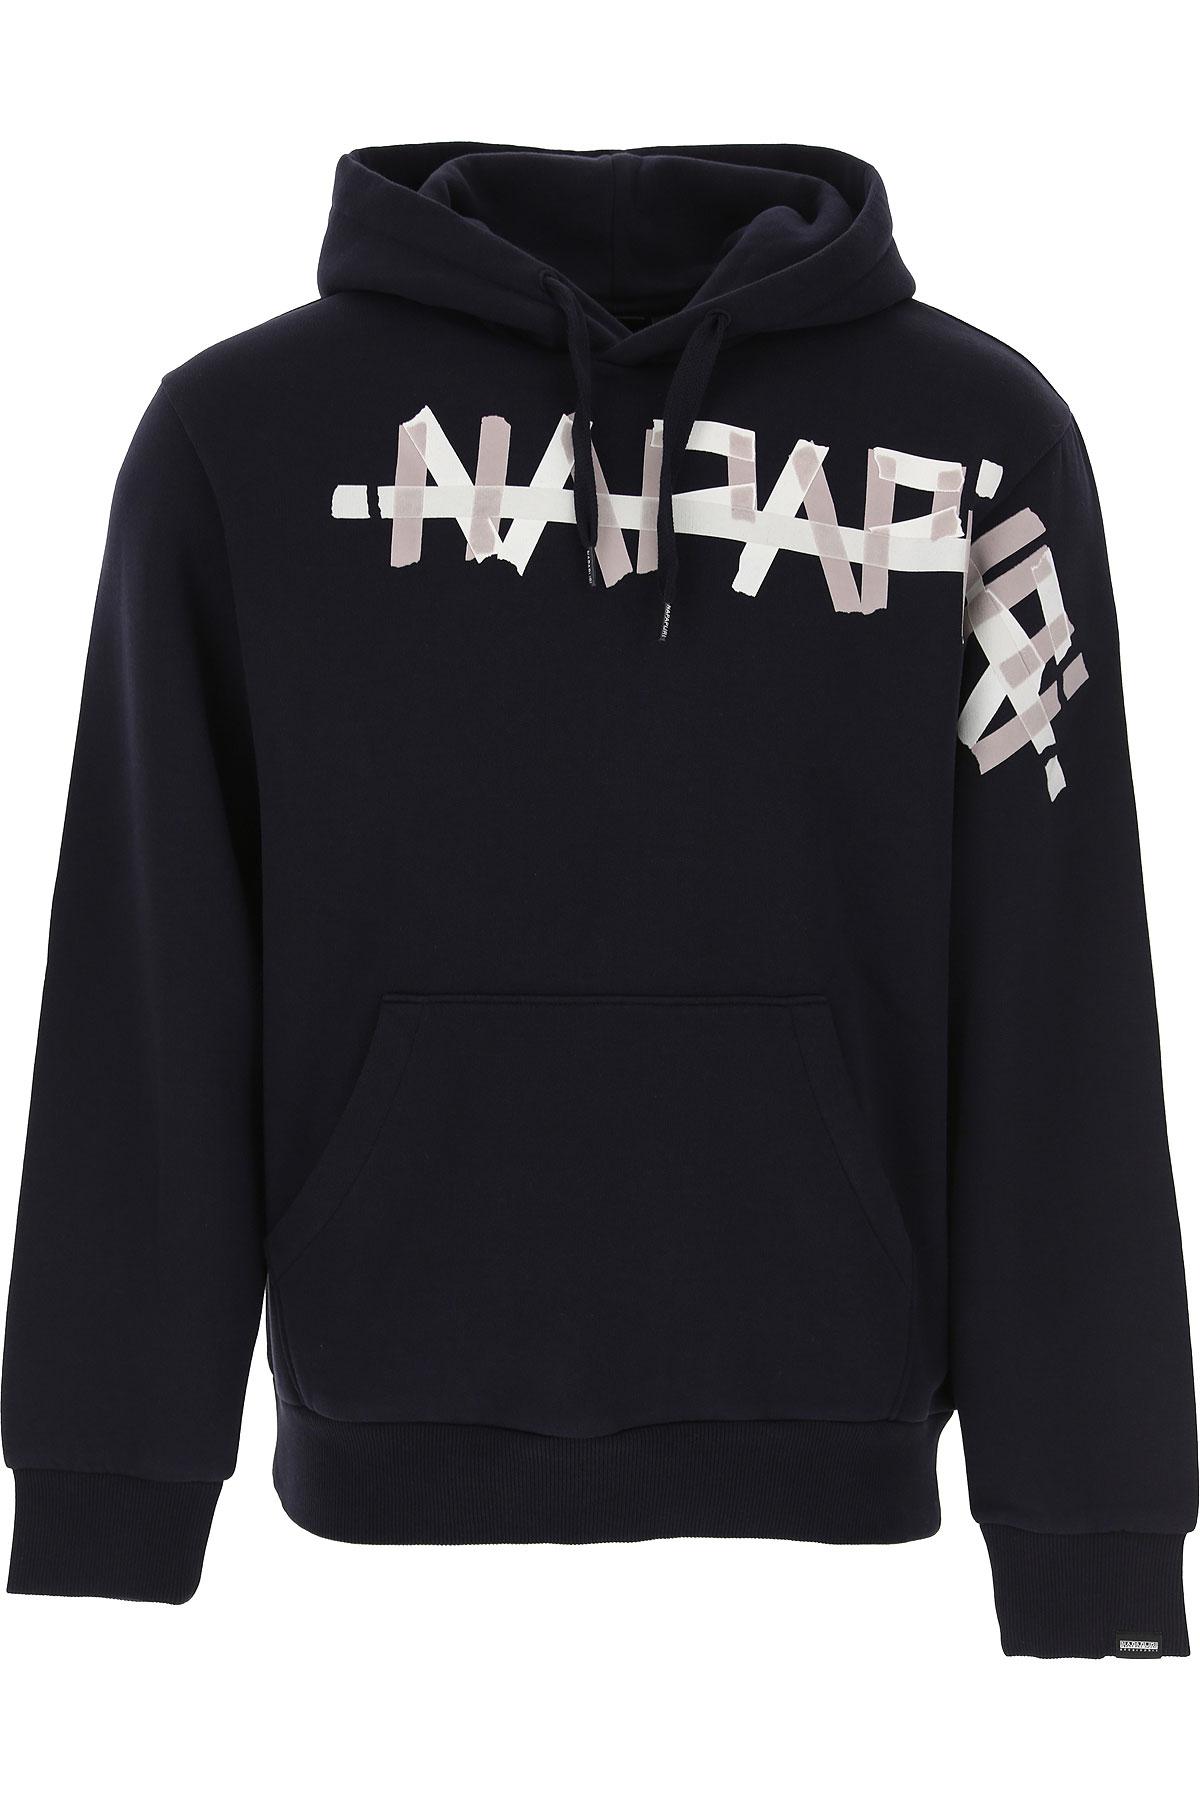 Napapijri Sweatshirt for Men On Sale, Blue Marine, Cotton, 2019, L M S